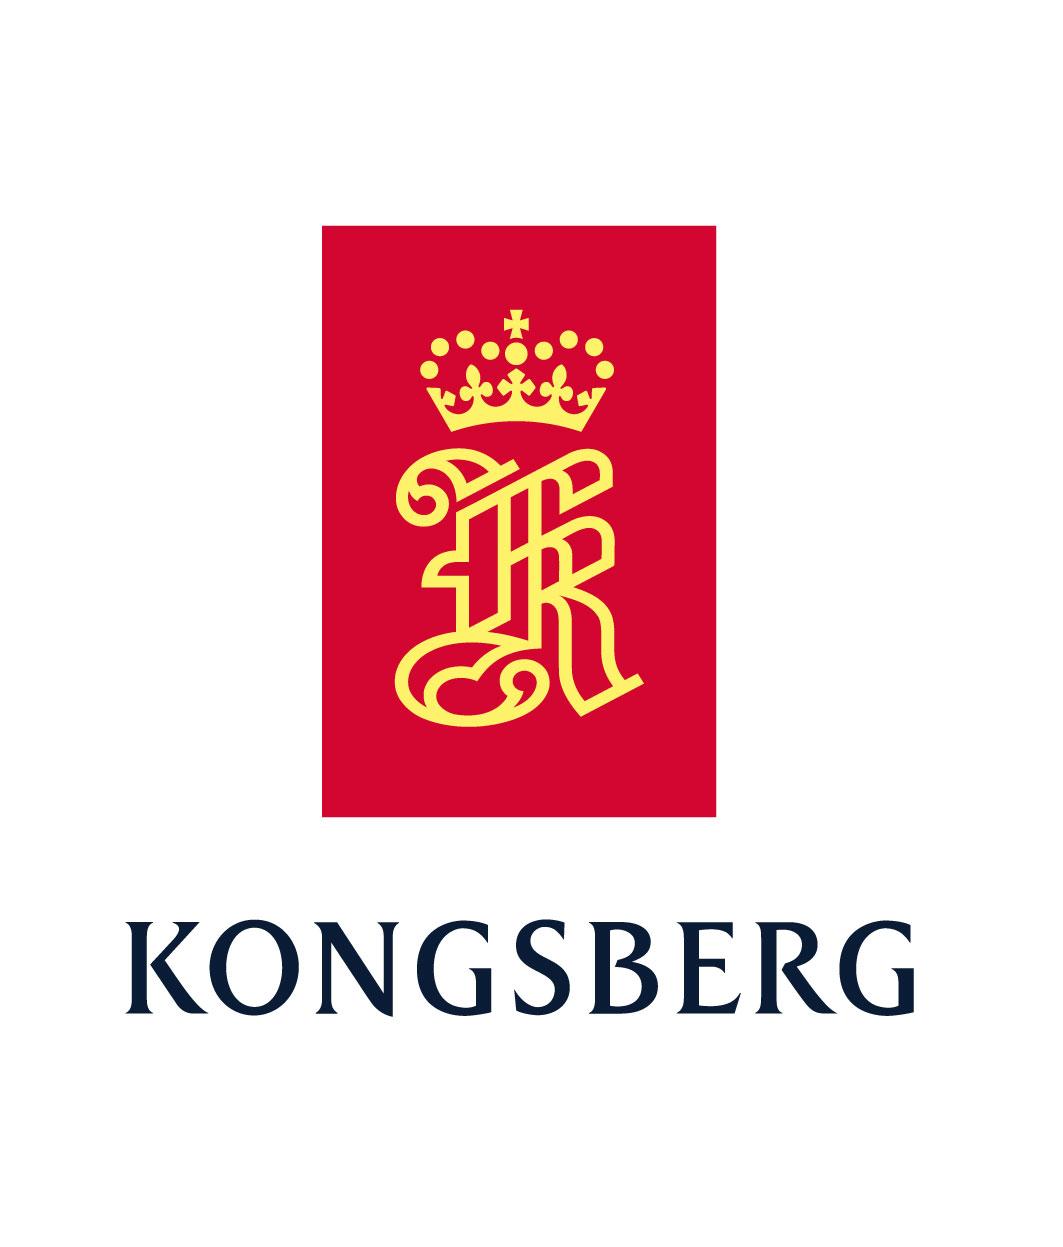 Kongsberg spacetec.no